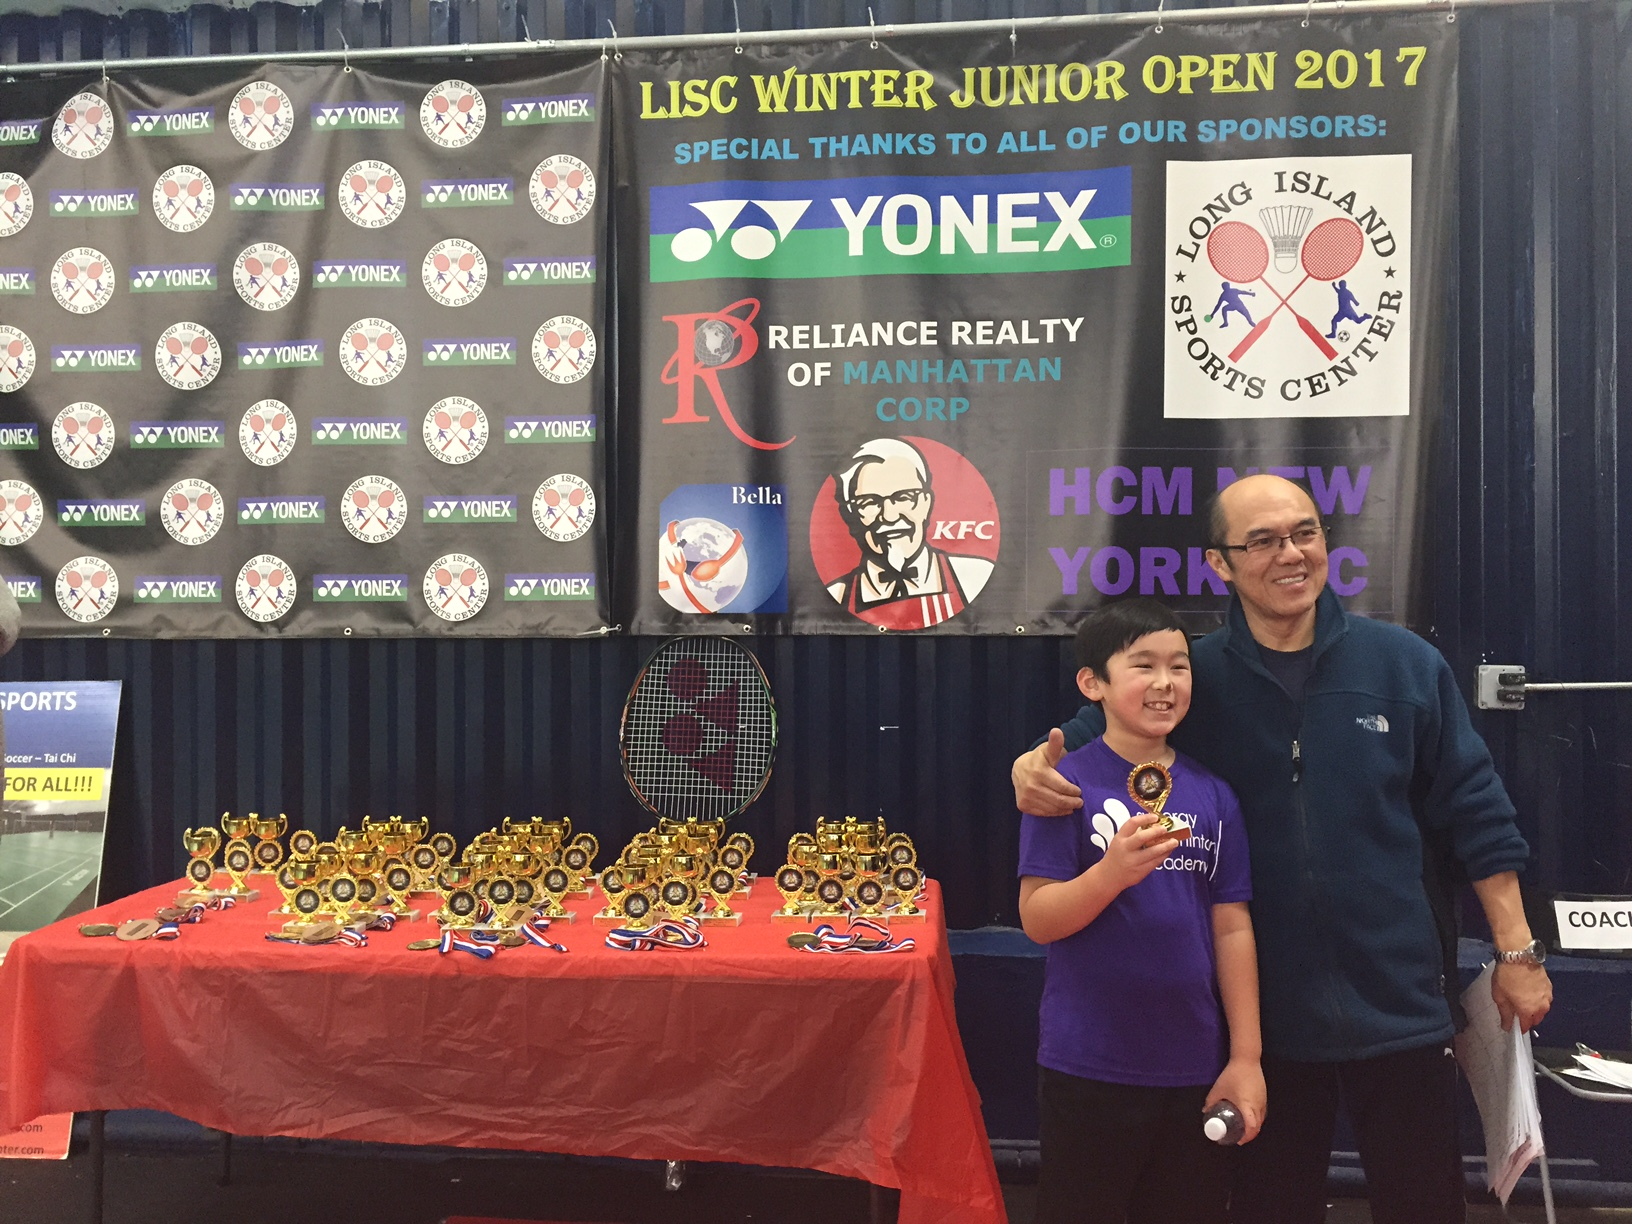 LISC Winter Jr Open 2017